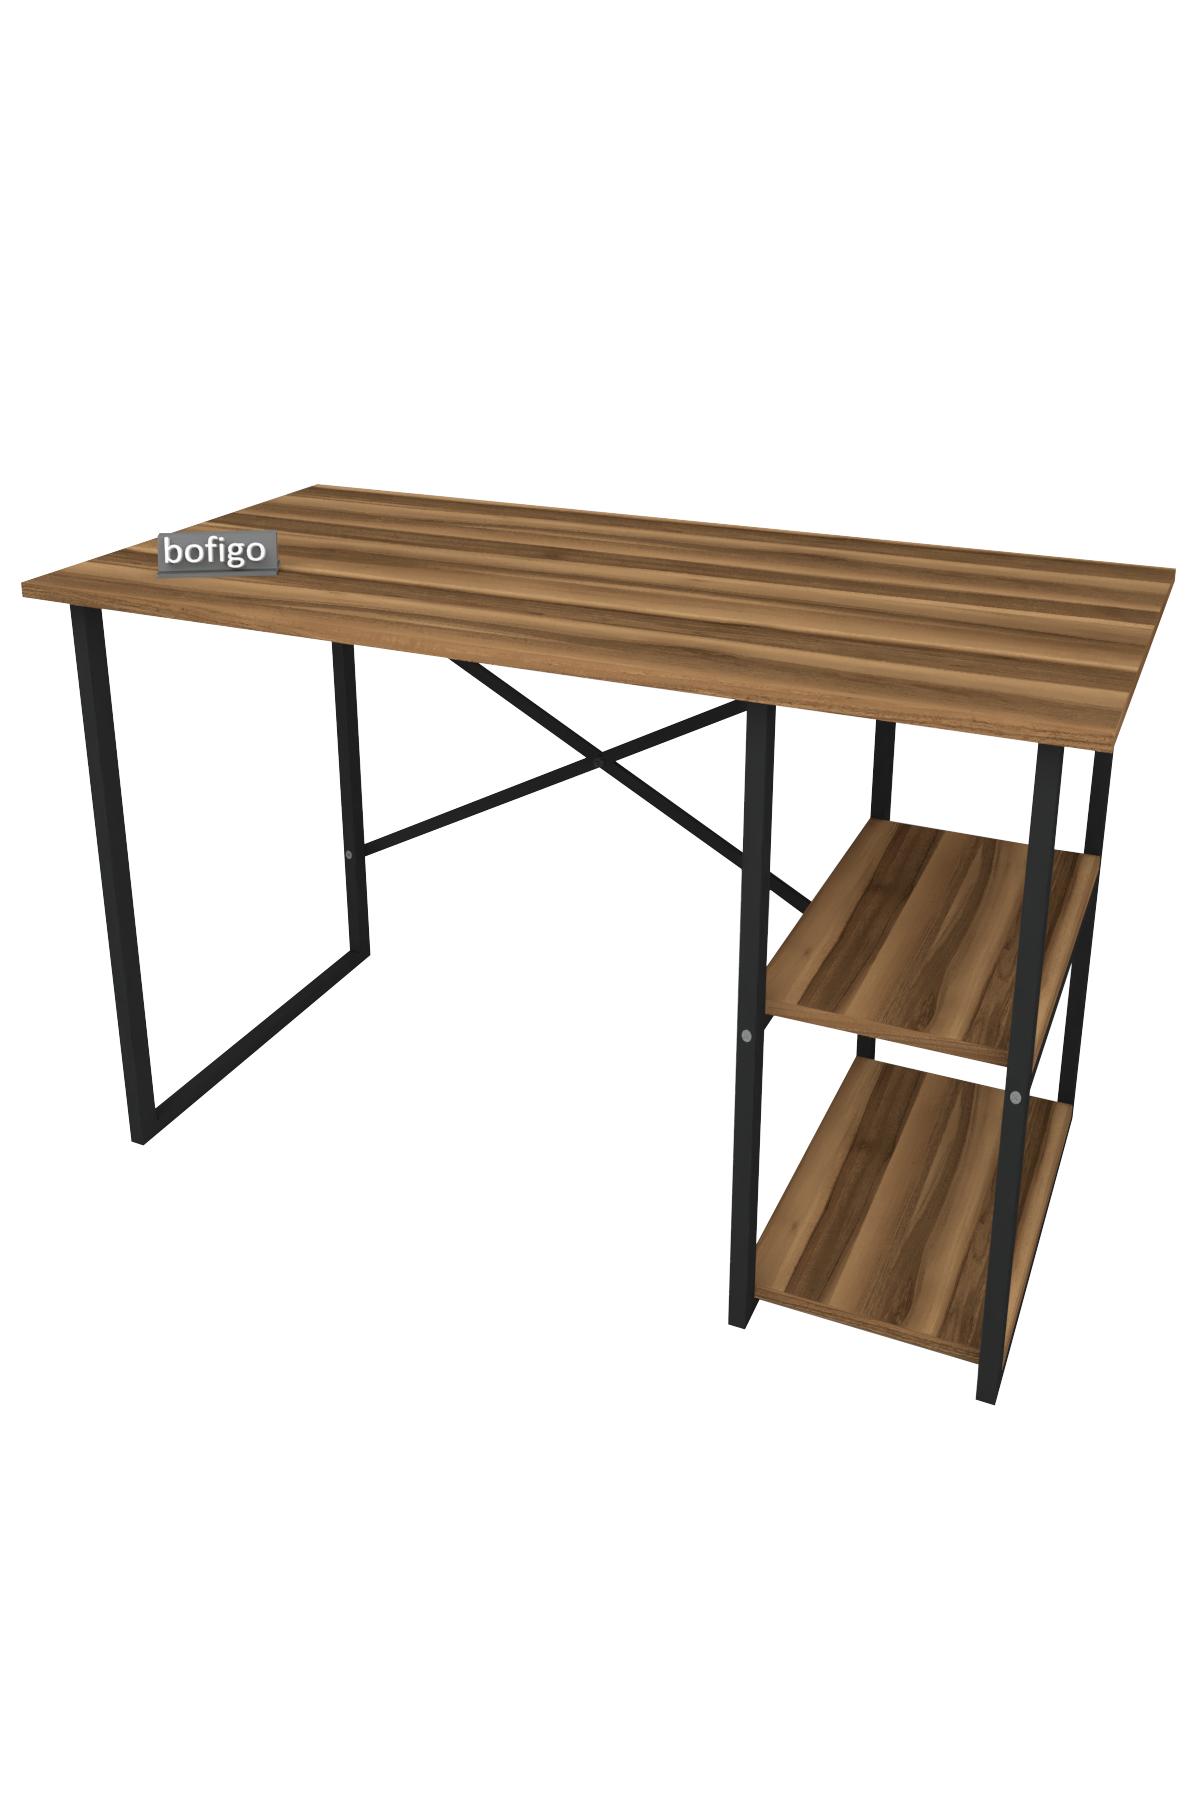 Bofigo 2 Raflı Çalışma Masası 60x120 cm Ceviz